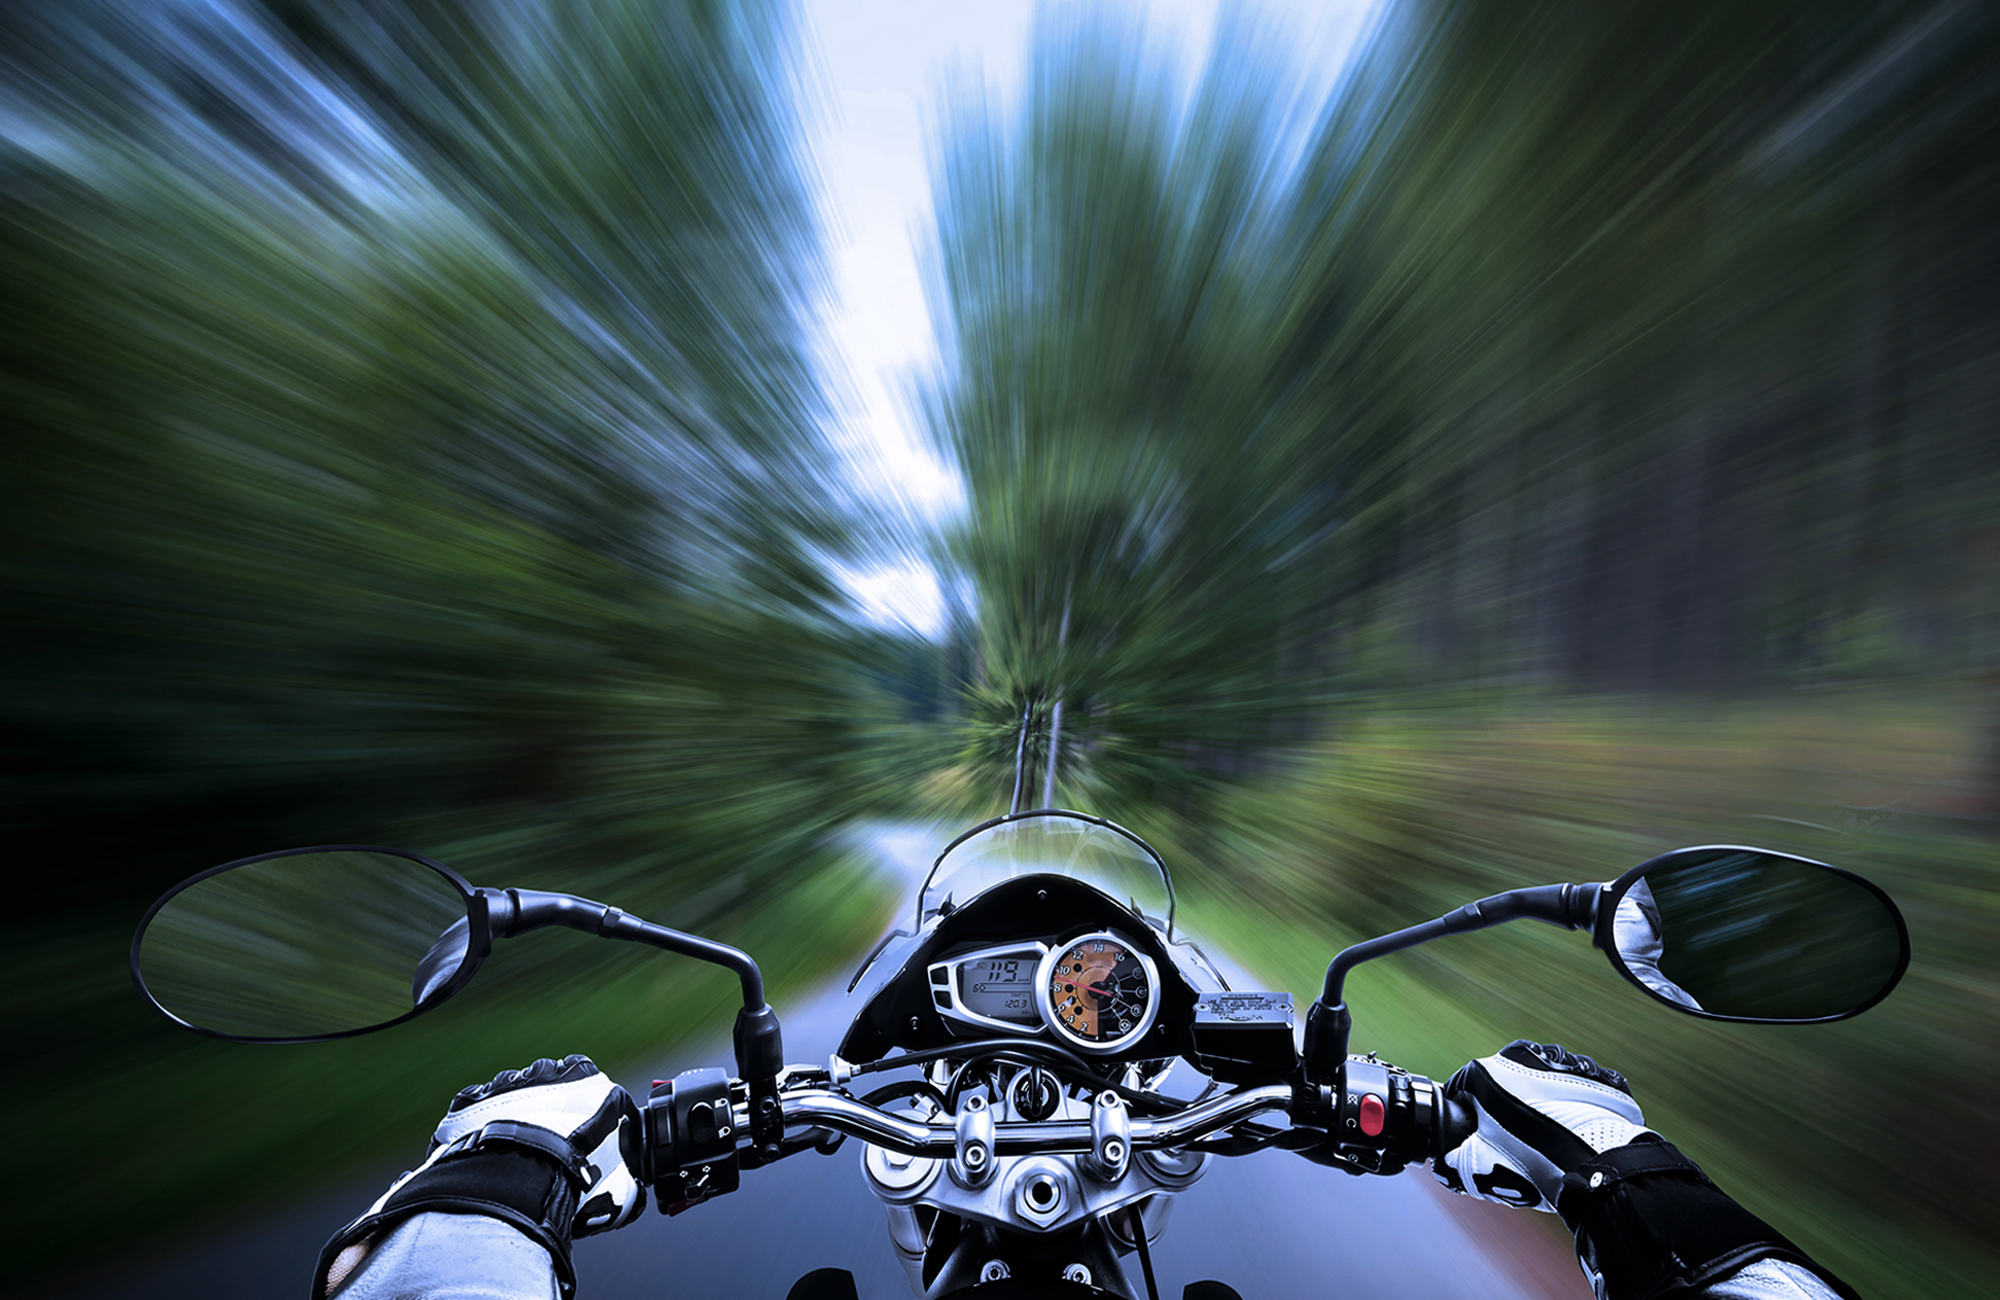 motorcycle speeding, blurred background